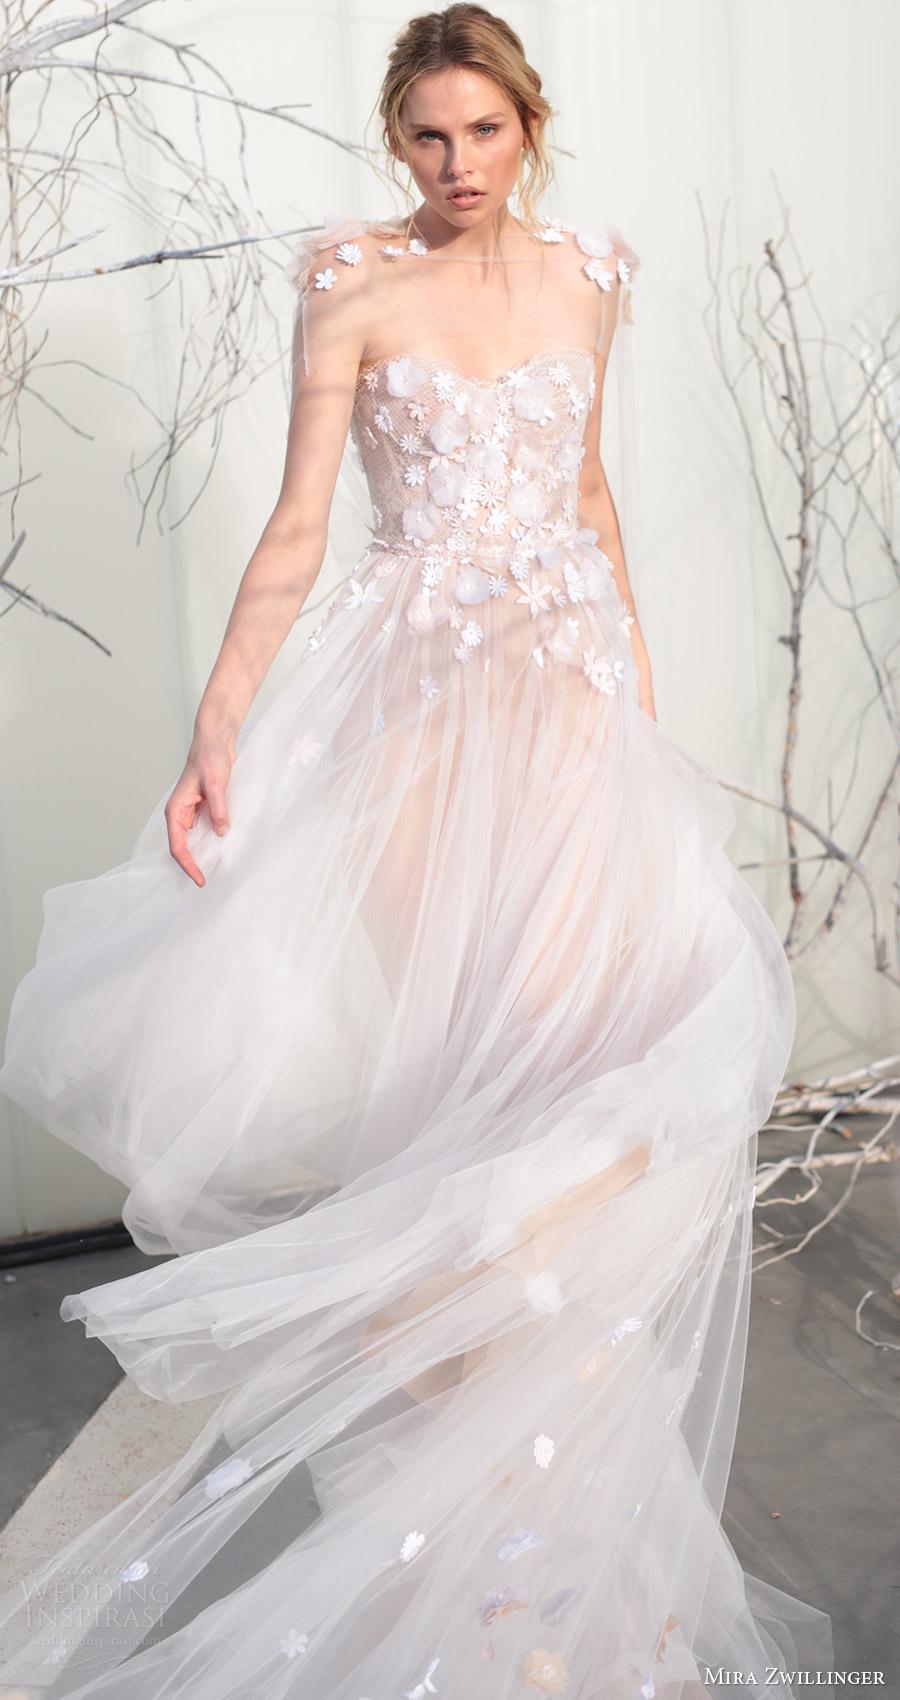 mira zwillinger bridal 2017 strapless sweetheart ball gown wedding dress (elsa) sheer cape fv